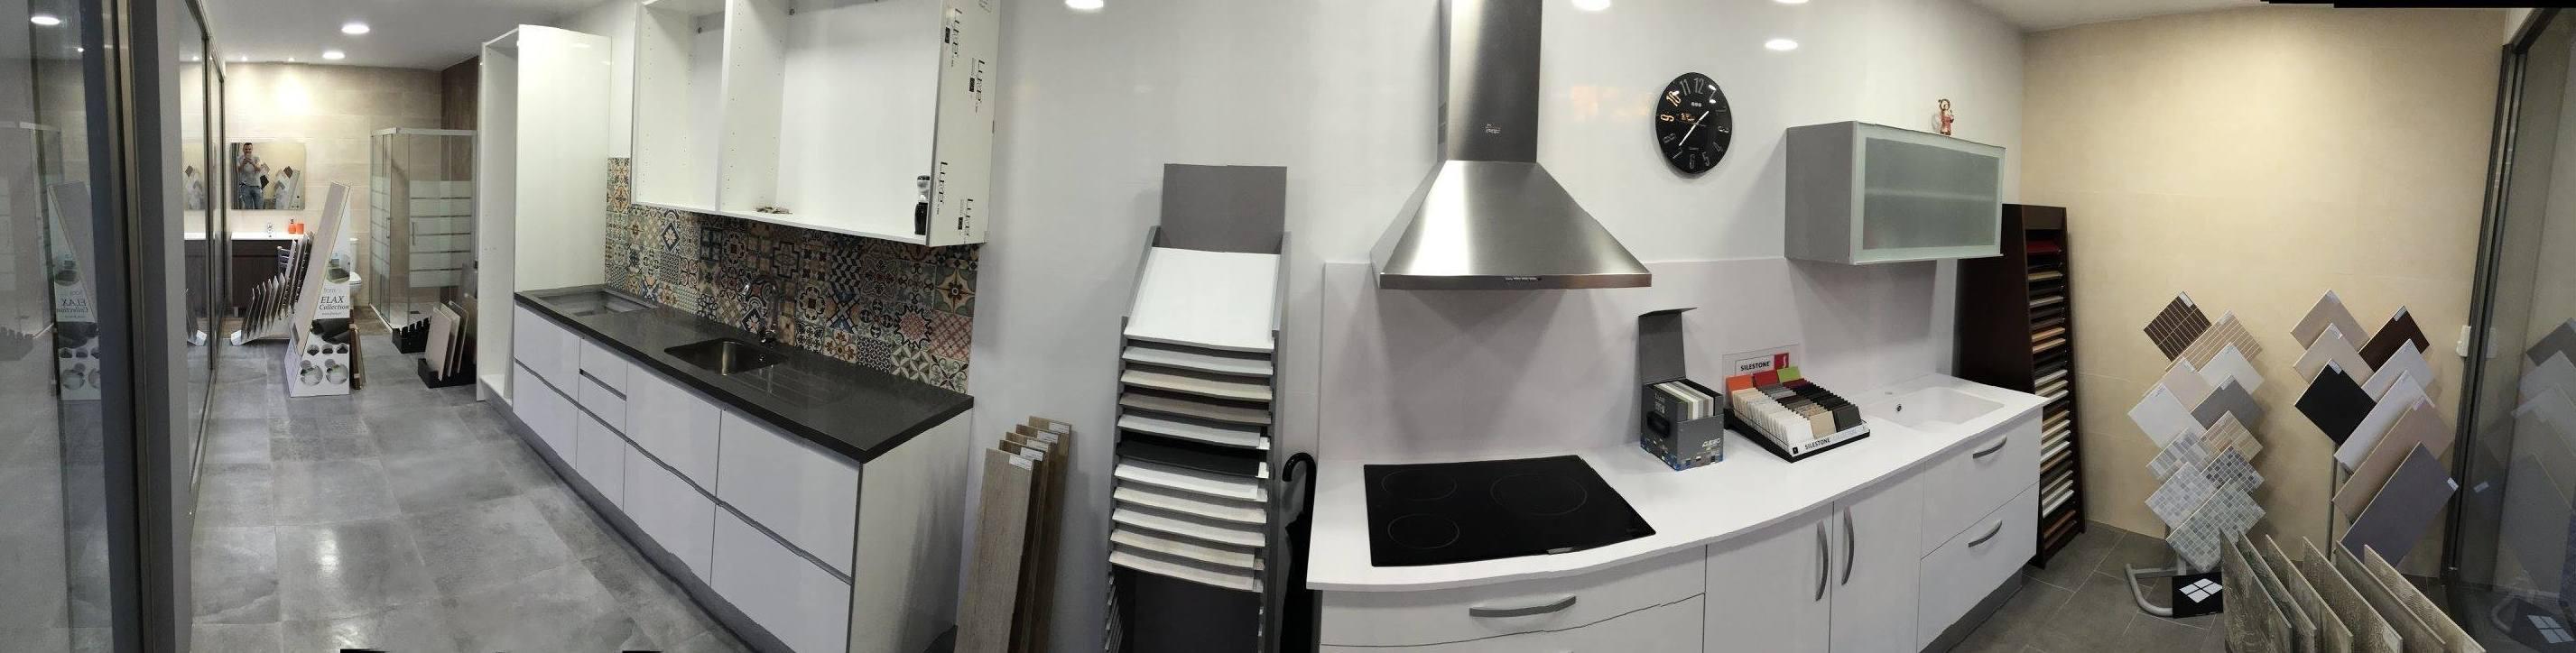 Ven a visitarnos a nuestro Showroom en Av. de la línea eléctrica 19, en Cornellá de Llobregat